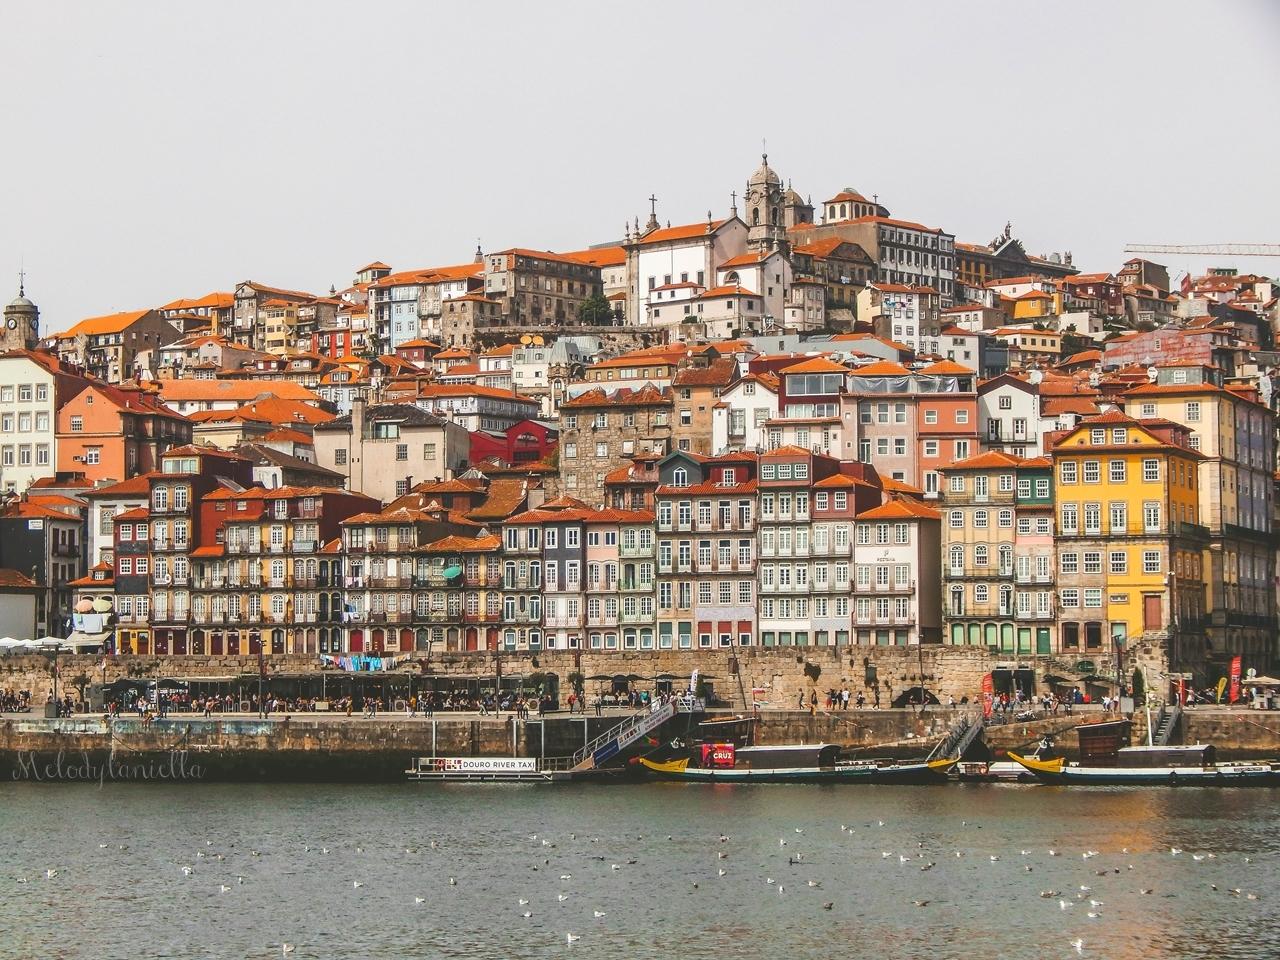 5 Vila Nova de Gaia-2  co zobaczyć w Porto w portugalii ciekawe miejsca musisz zobaczyć top miejsc w porto zabytki piękne uliczki miejsca godne zobaczenia blog podróżniczy portugalia melodylaniella